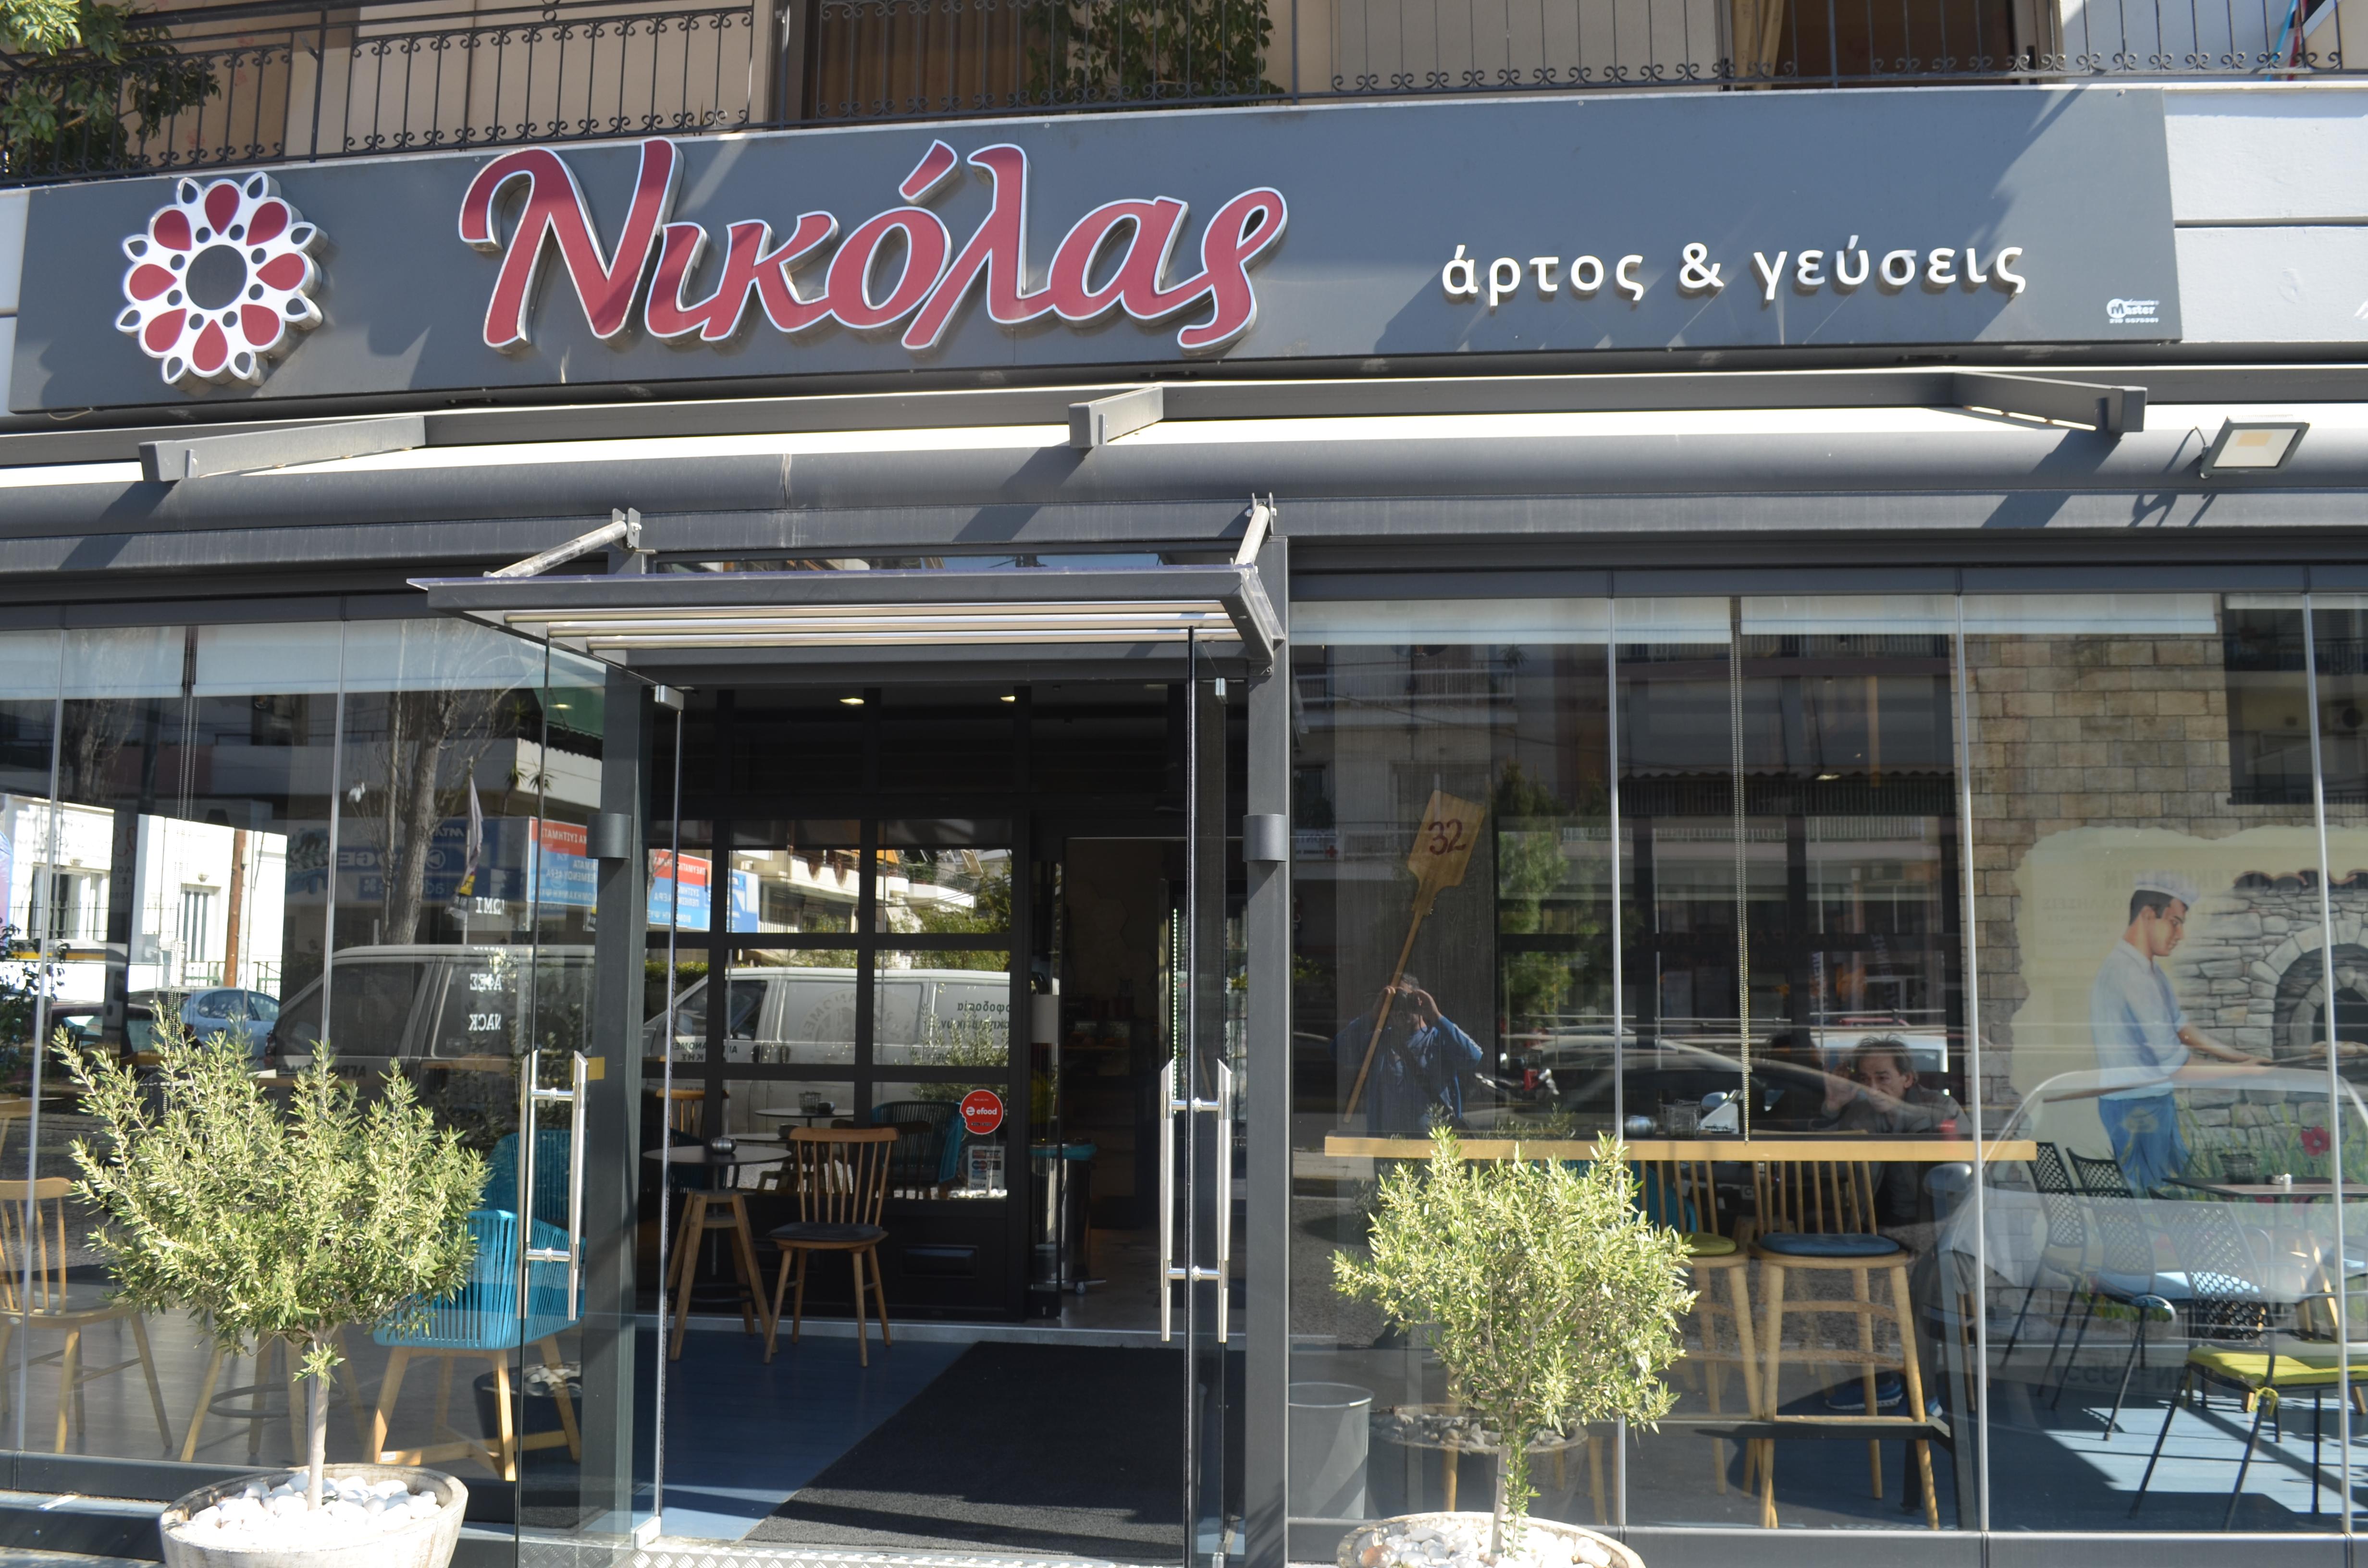 Νικόλας - Άρτος & γεύσεις